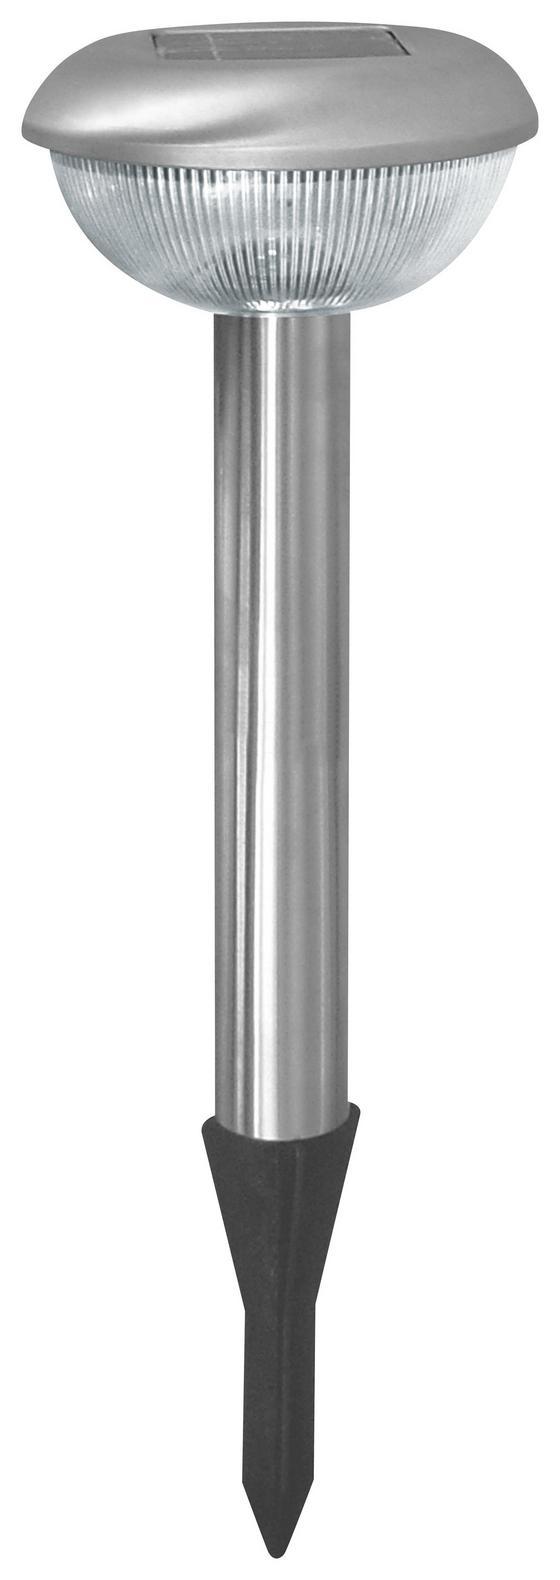 Solarleuchte Anna - Silberfarben, KONVENTIONELL, Kunststoff/Metall (11,5/39cm) - Homezone